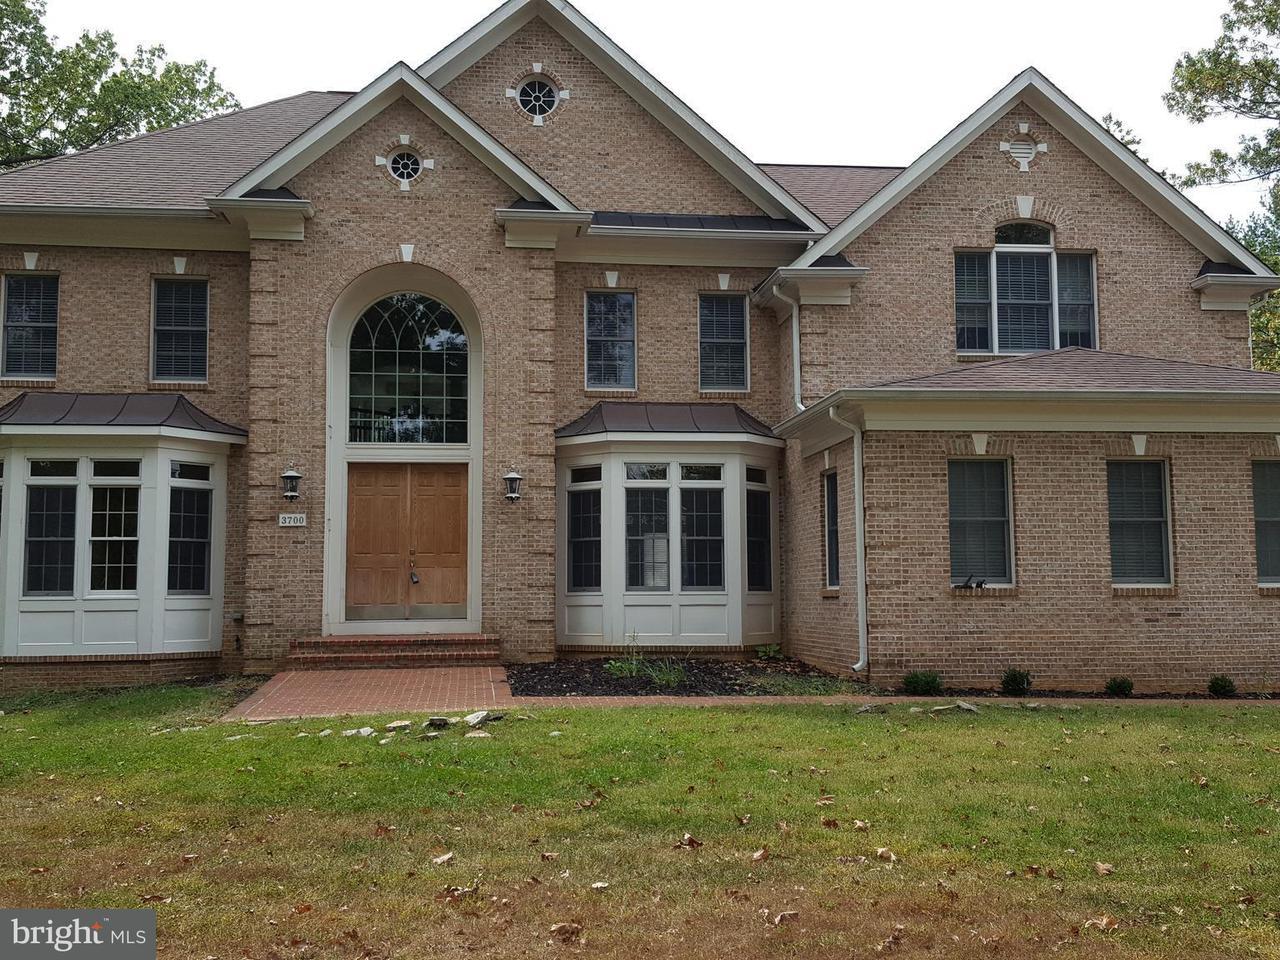 Casa Unifamiliar por un Venta en 3700 ANNANDALE Road 3700 ANNANDALE Road Annandale, Virginia 22003 Estados Unidos